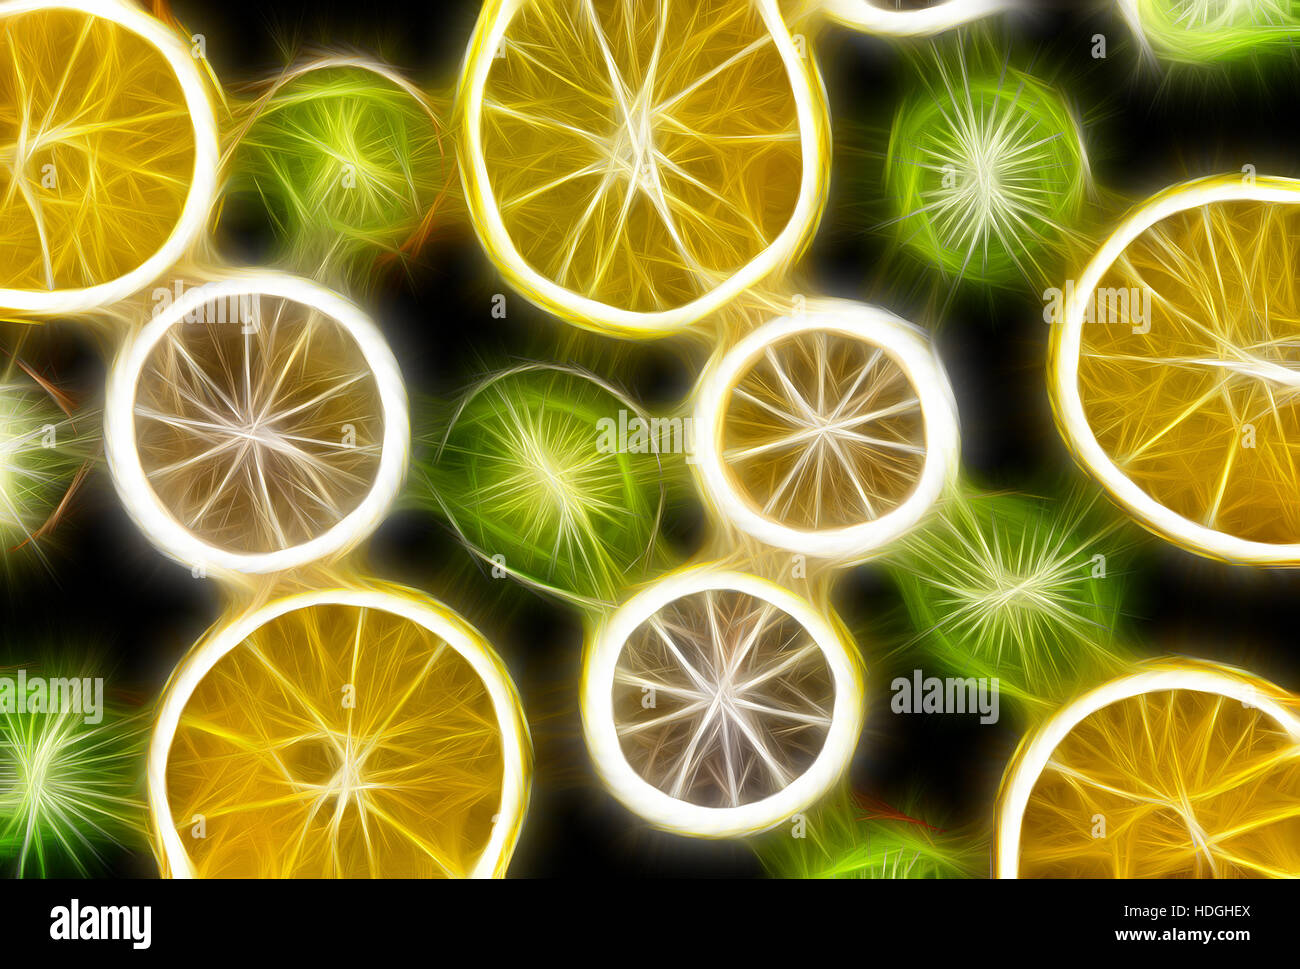 Background texture-fruit mix: lemon, orange, kiwi on black background. - Stock Image